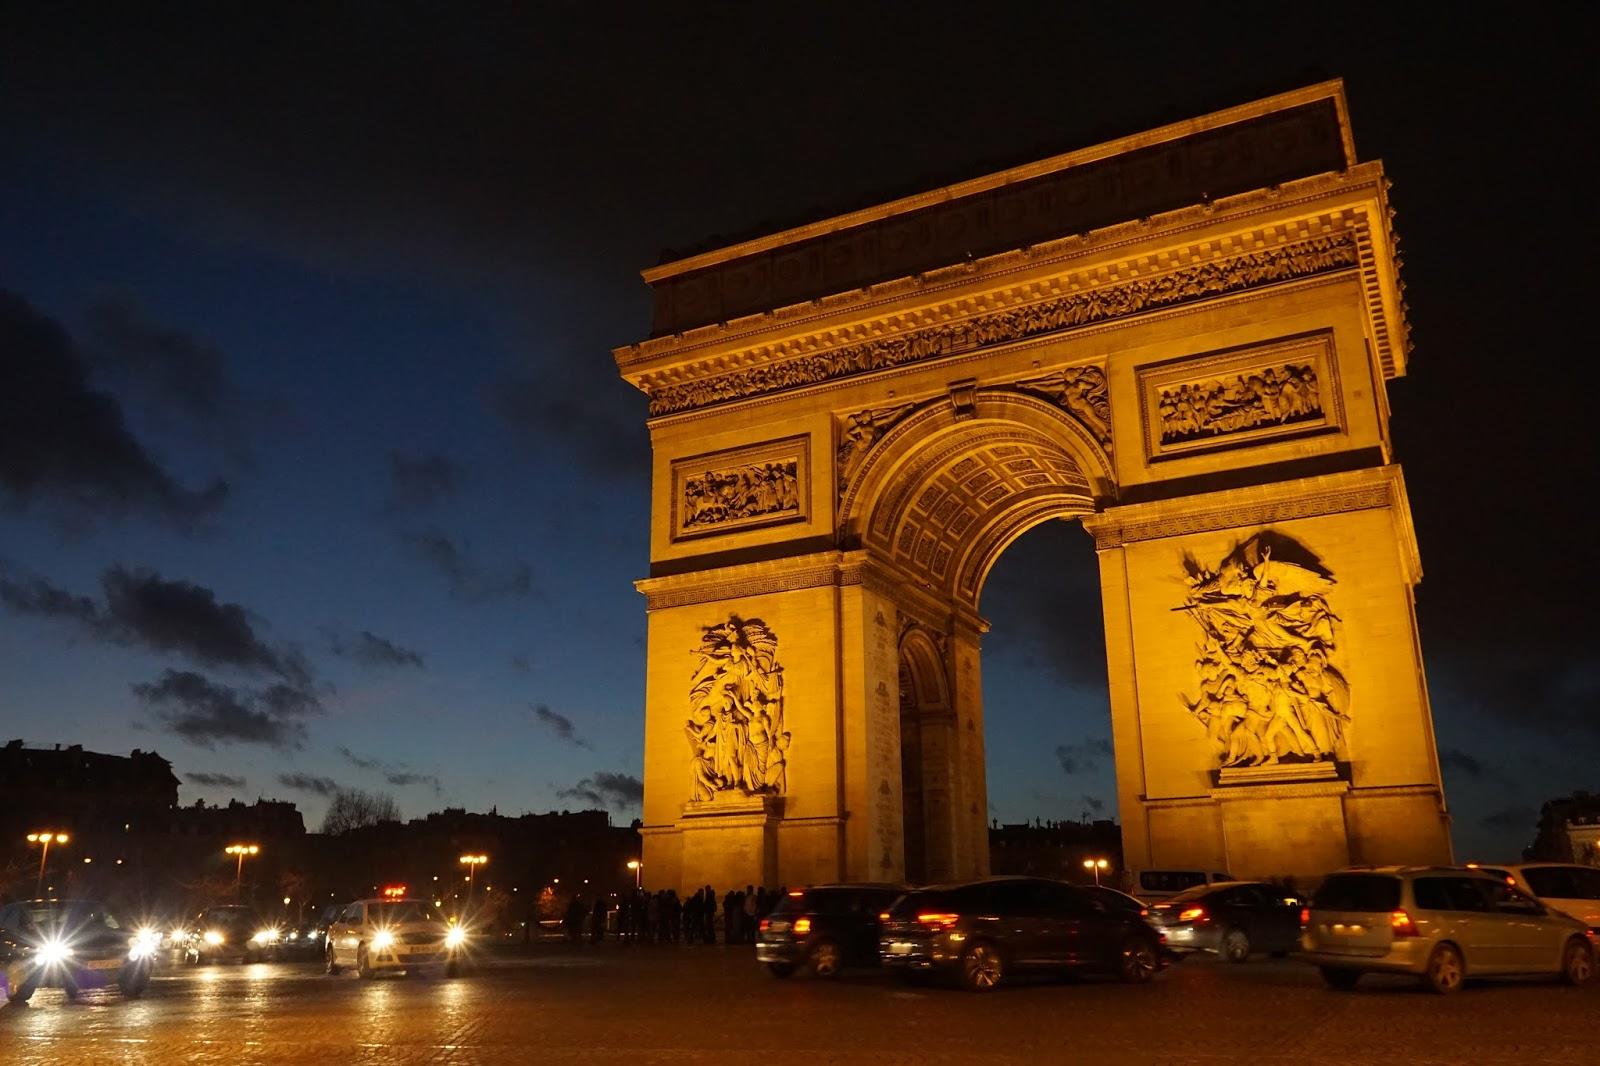 エトワールの凱旋門(Arc de triomphe de l'Étoile) 車専用の道路(ラウンドアバウト)